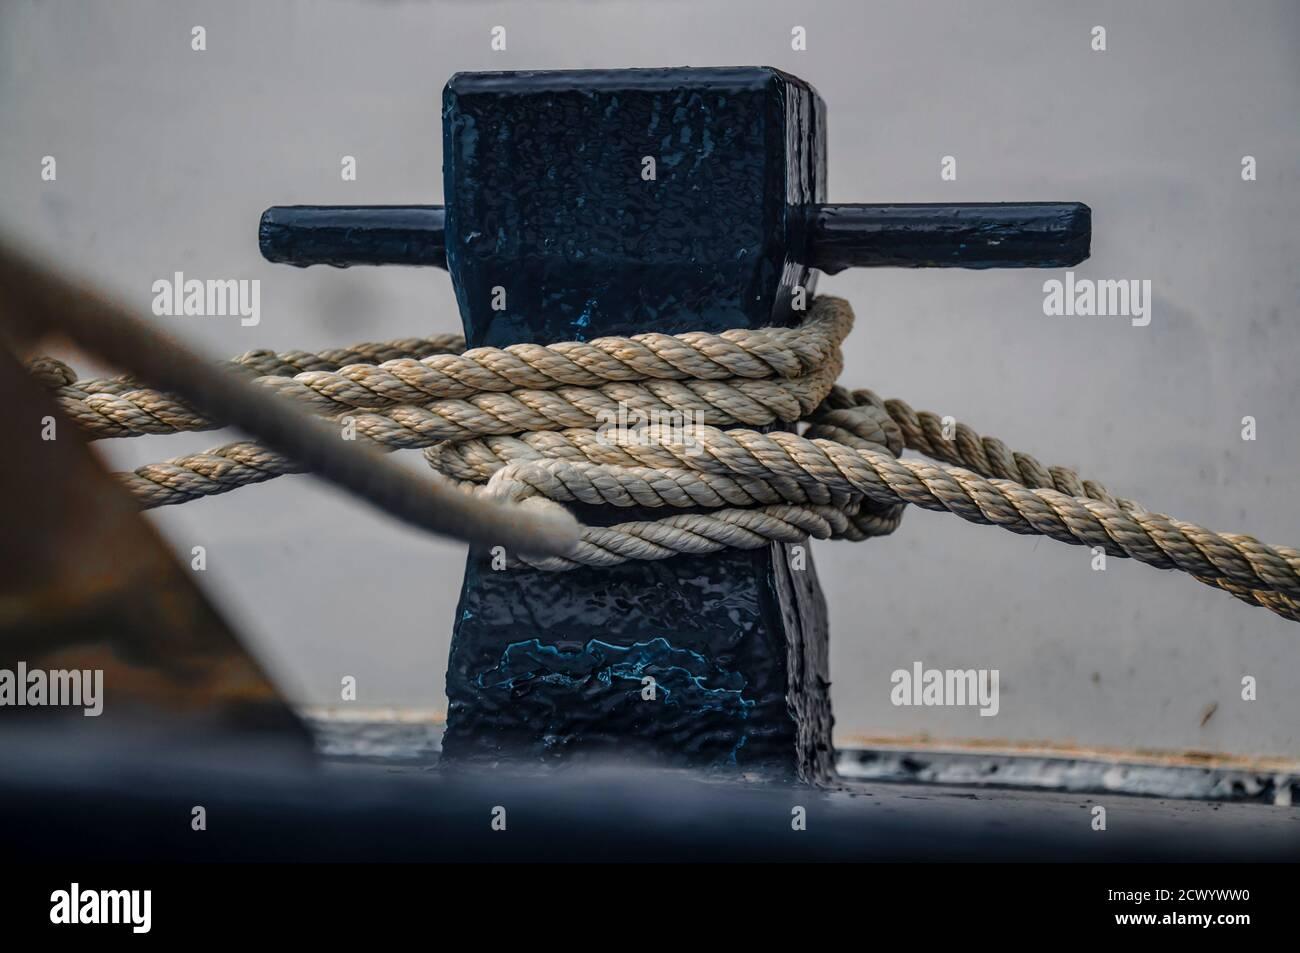 Nahaufnahme des Bootes Poller mit einem Seil um ihn gebunden. Verbindung visuelles Konzept als Boot gebunden und mit dem Ponton verbunden. Stockfoto